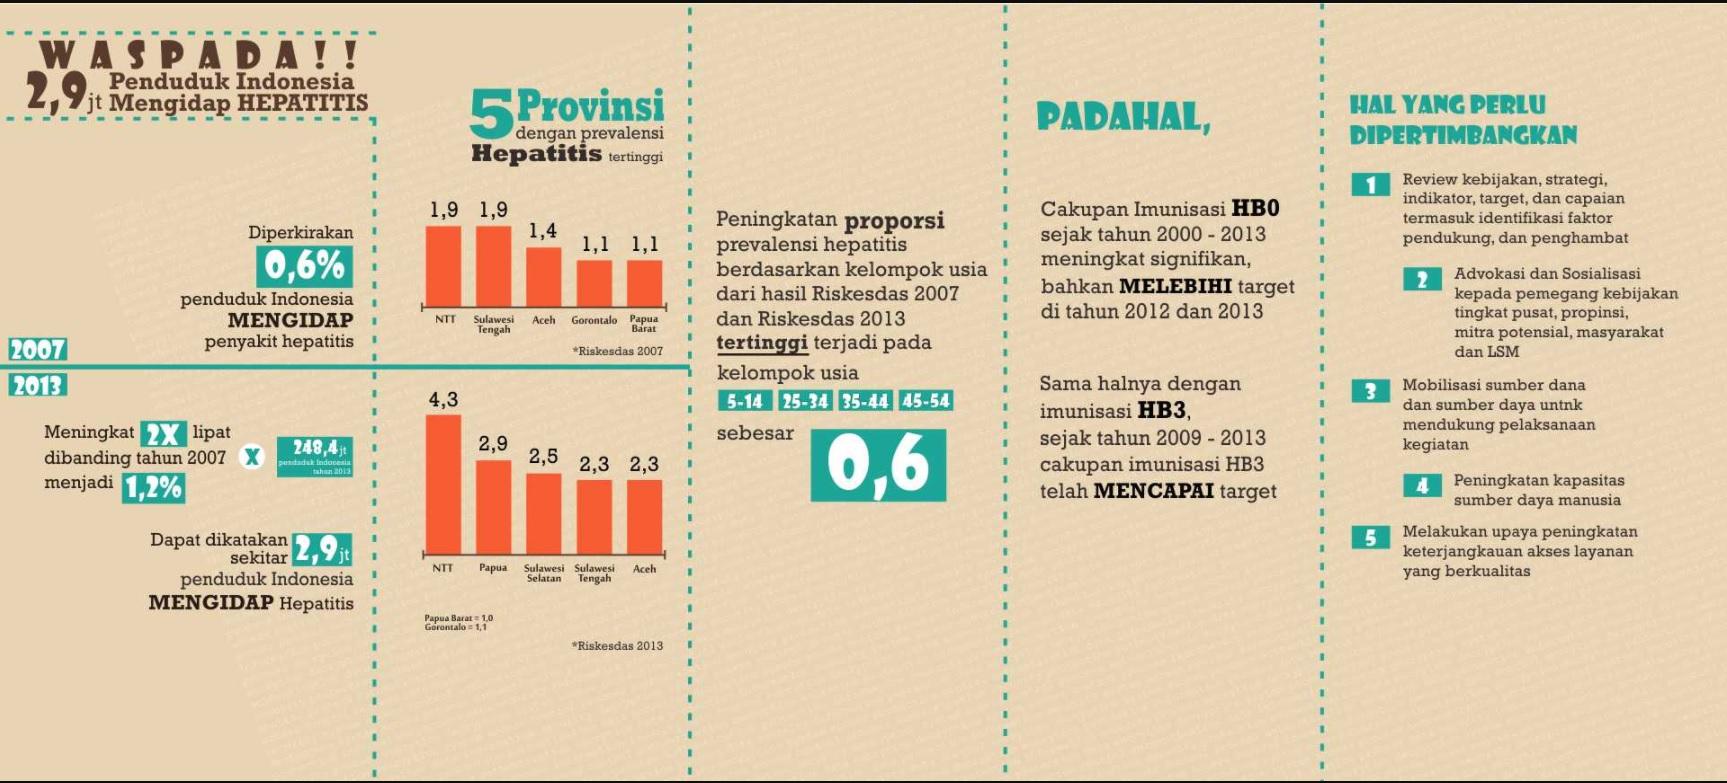 infograis hepatitis di indonesia